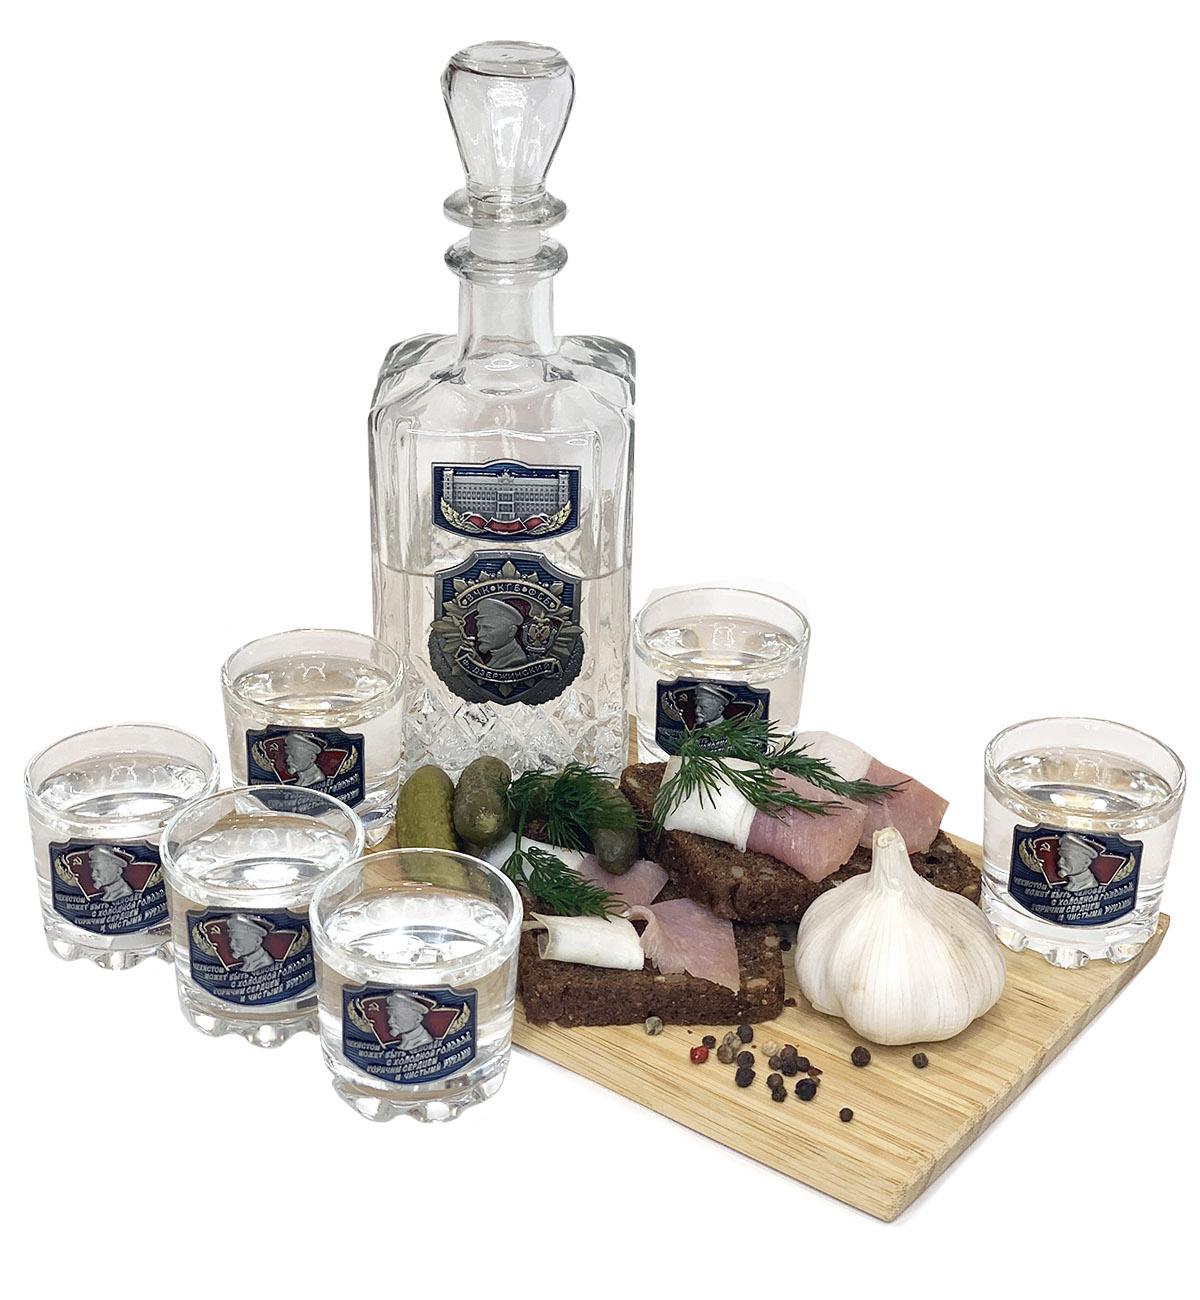 Подарочный набор для крепких напитков ВЧК-КГБ-ФСБ Дзержинский